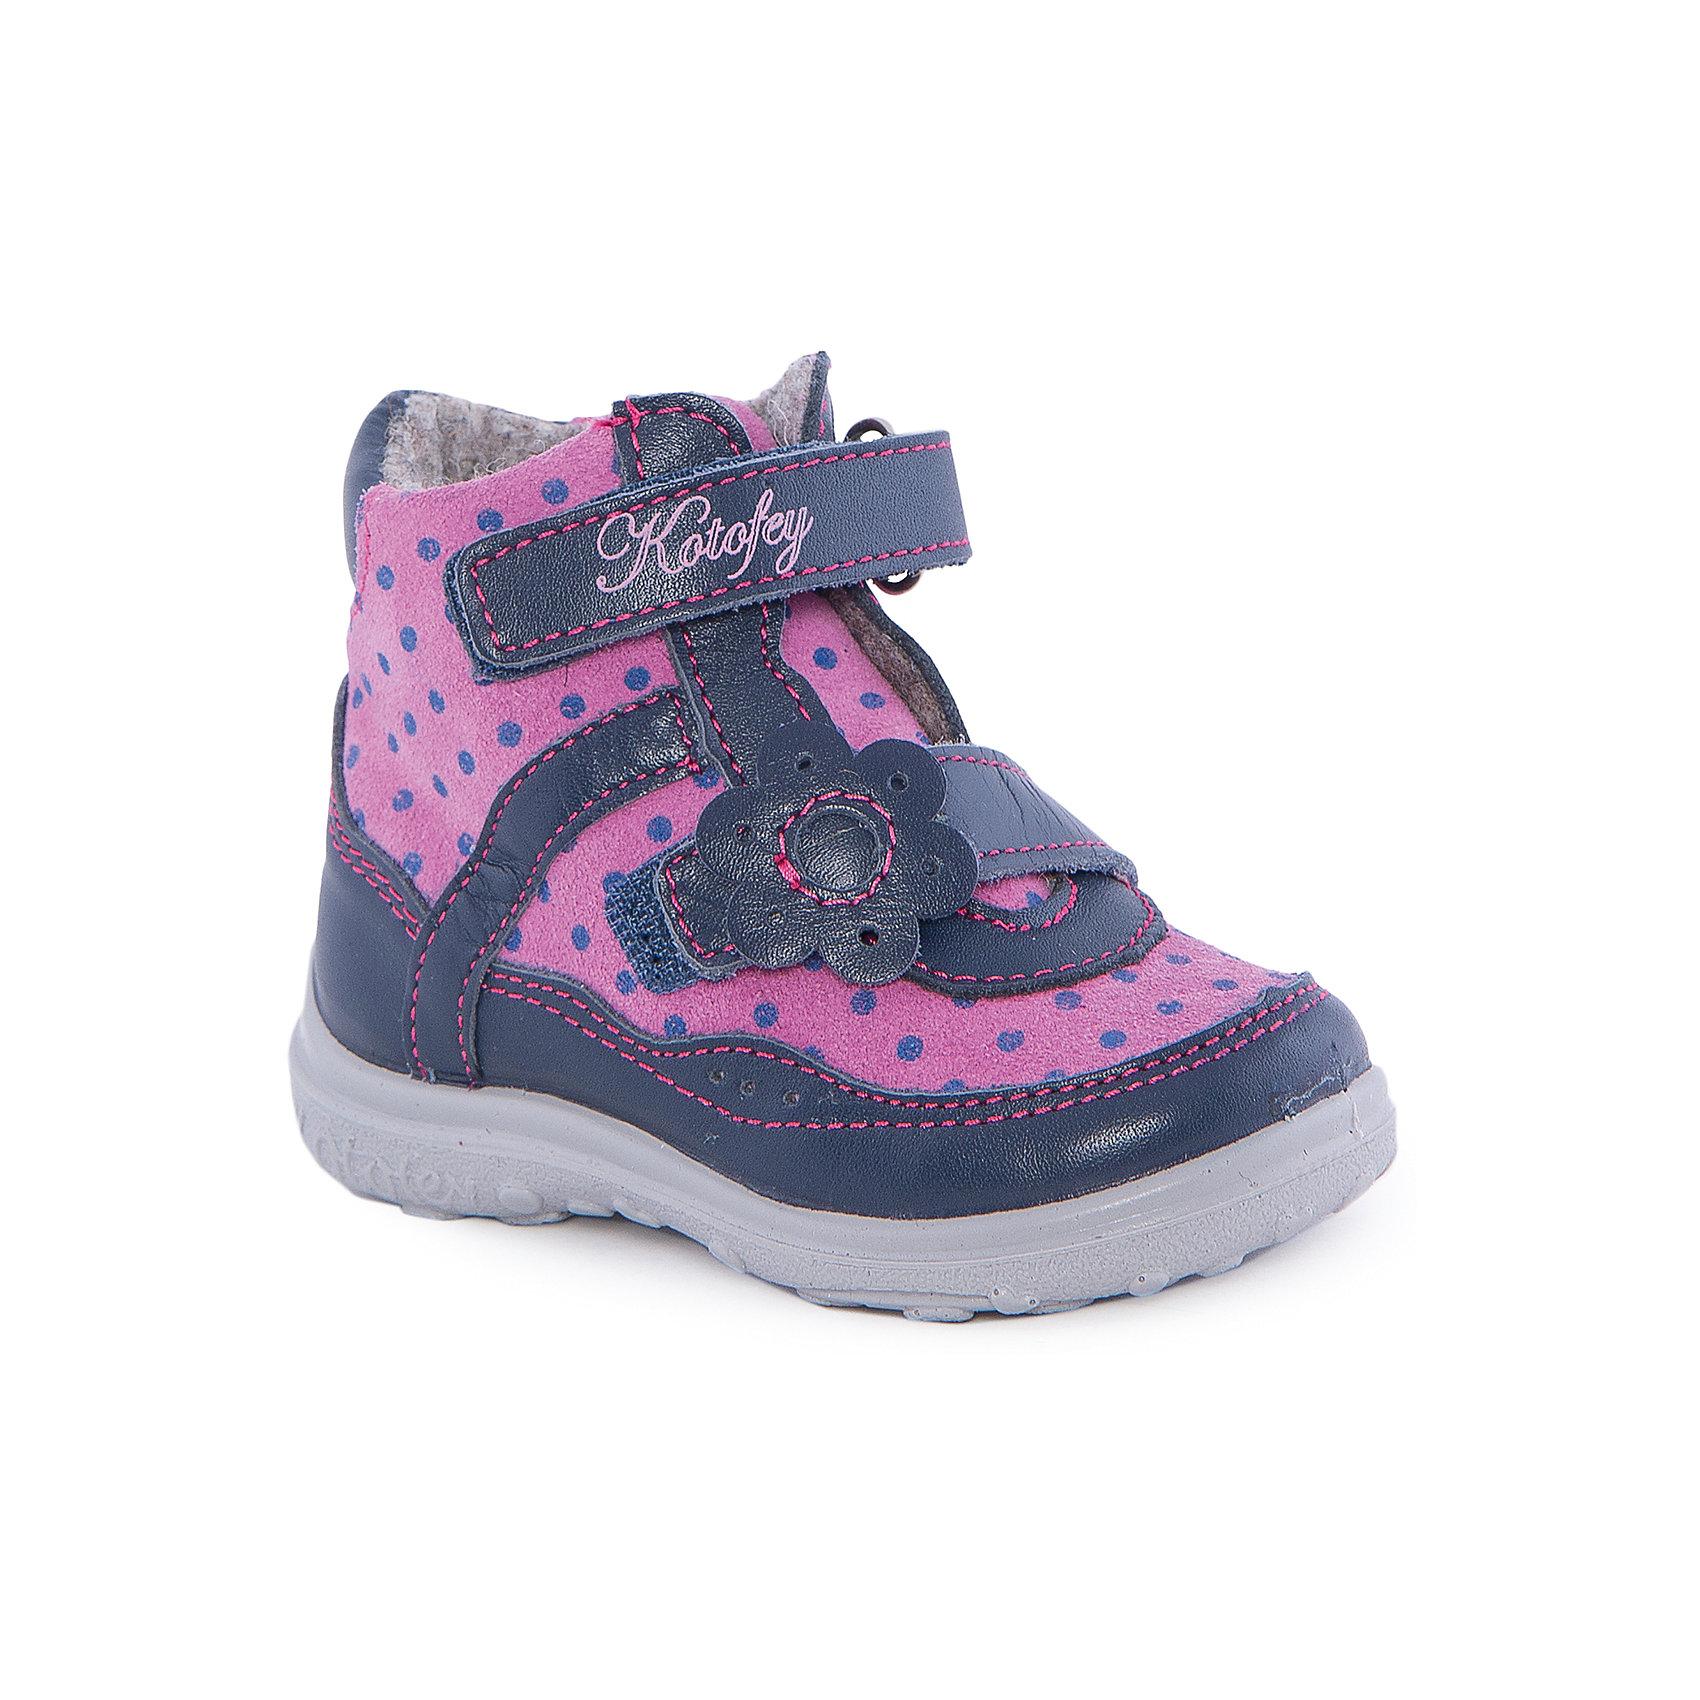 Ботинки для девочки КотофейБотинки<br>Ботинки для девочки от известного российского бренда Котофей <br><br>Стильные ботинки изготовлены из натуральной кожи, выполнены в красивой расцветке. <br>Верх сделан из материала, обеспечивающего ногам комфорт. Толстая рифленая подошва позволяет избегать скольжения практически на любой поверхности.<br><br>Особенности модели:<br><br>- цвет: синий, розовый;<br>- устойчивая подошва;<br>- декорированы перфорацией, принтом и аппликацией;<br>- застежка: липучка;<br>- вид крепления обуви: литьевой;<br>- анатомическая стелька;<br>- качественные материалы;<br>- защита пальцев и пятки;<br>- модный дизайн.<br><br>Дополнительная информация:<br><br>Температурный режим: от 0° до +15°С.<br><br>Состав: <br><br>верх - натуральная кожа;<br>подкладка - байка;<br>подошва - ПУ.<br><br>Ботинки для девочки Котофей можно купить в нашем магазине.<br><br>Ширина мм: 262<br>Глубина мм: 176<br>Высота мм: 97<br>Вес г: 427<br>Цвет: синий<br>Возраст от месяцев: 12<br>Возраст до месяцев: 15<br>Пол: Женский<br>Возраст: Детский<br>Размер: 21,20,23,24,22<br>SKU: 4565610